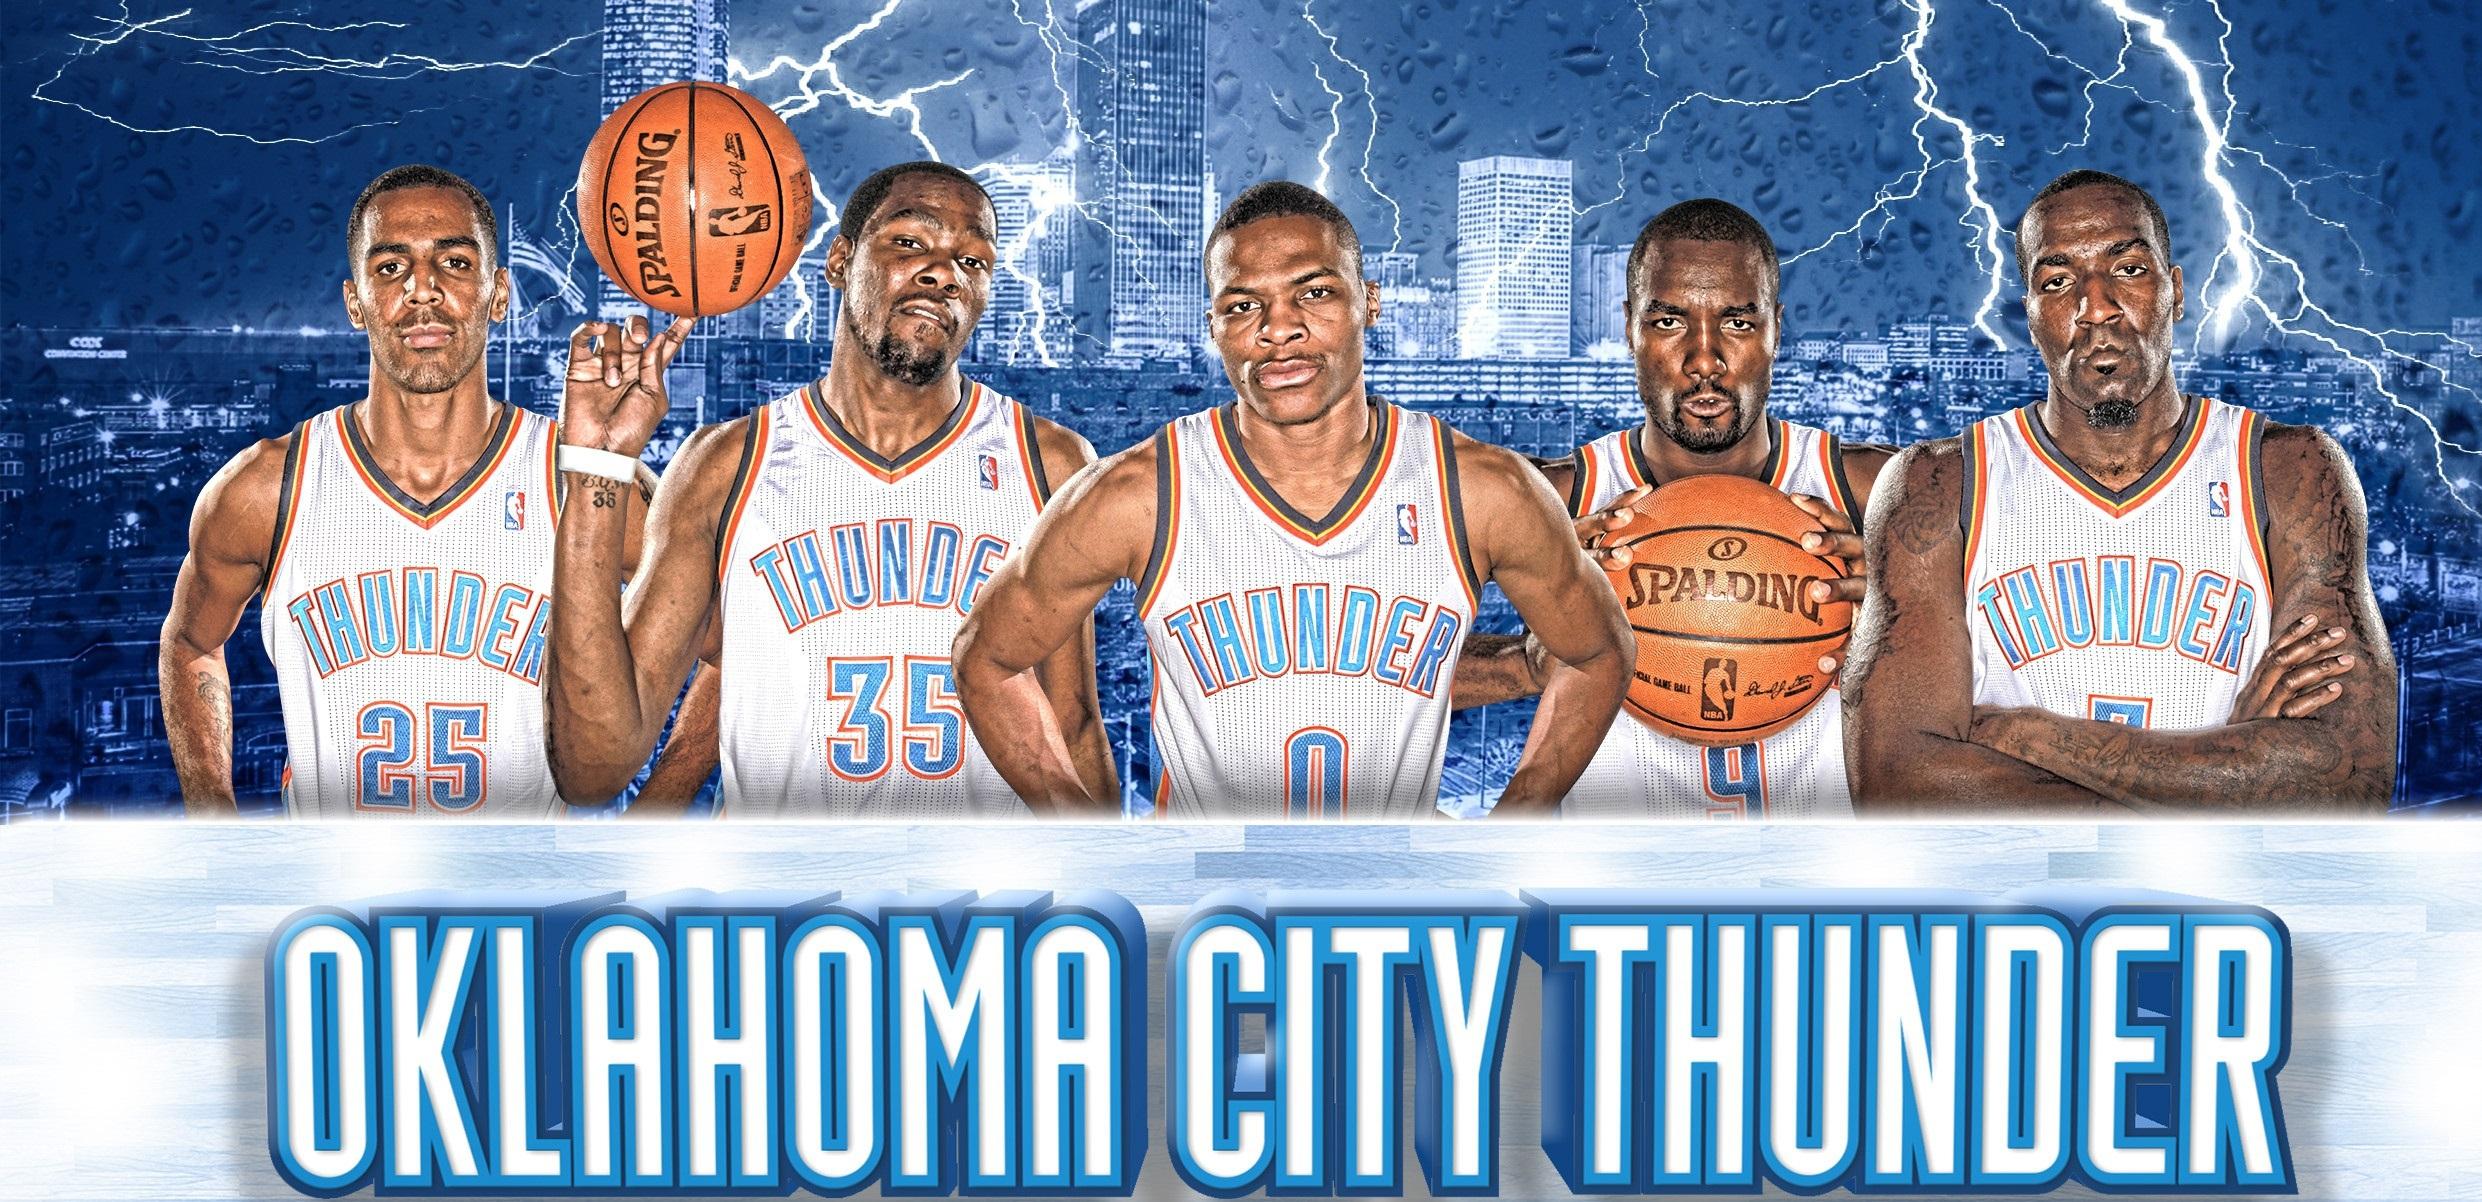 Oklahoma City Thunder Photos